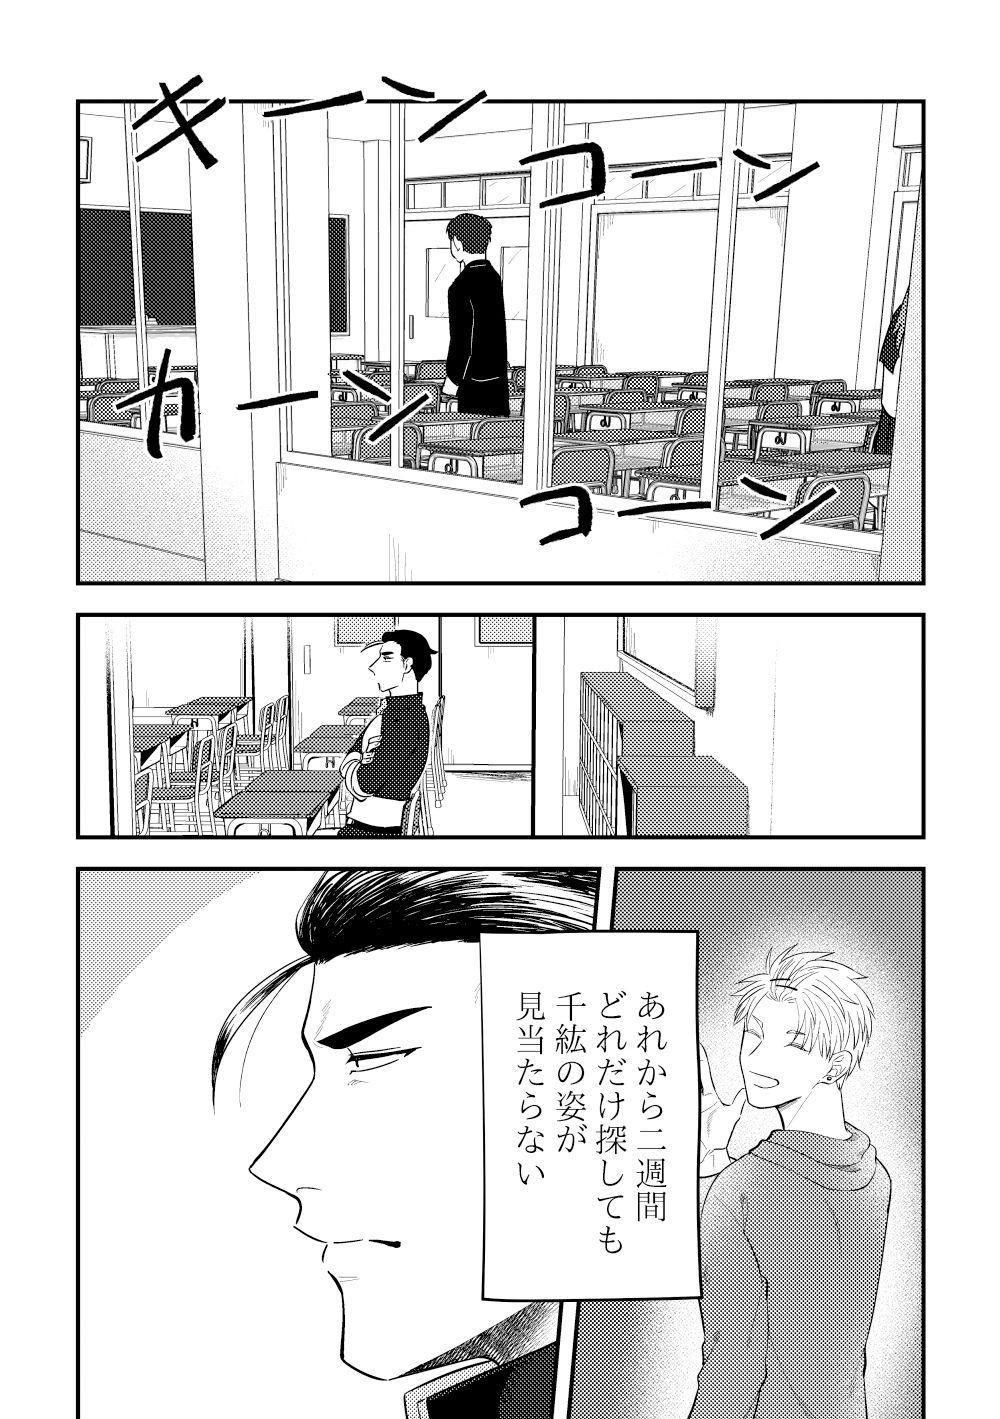 チャラ男と番長~幸せになろうぜ編~ サンプル画像001